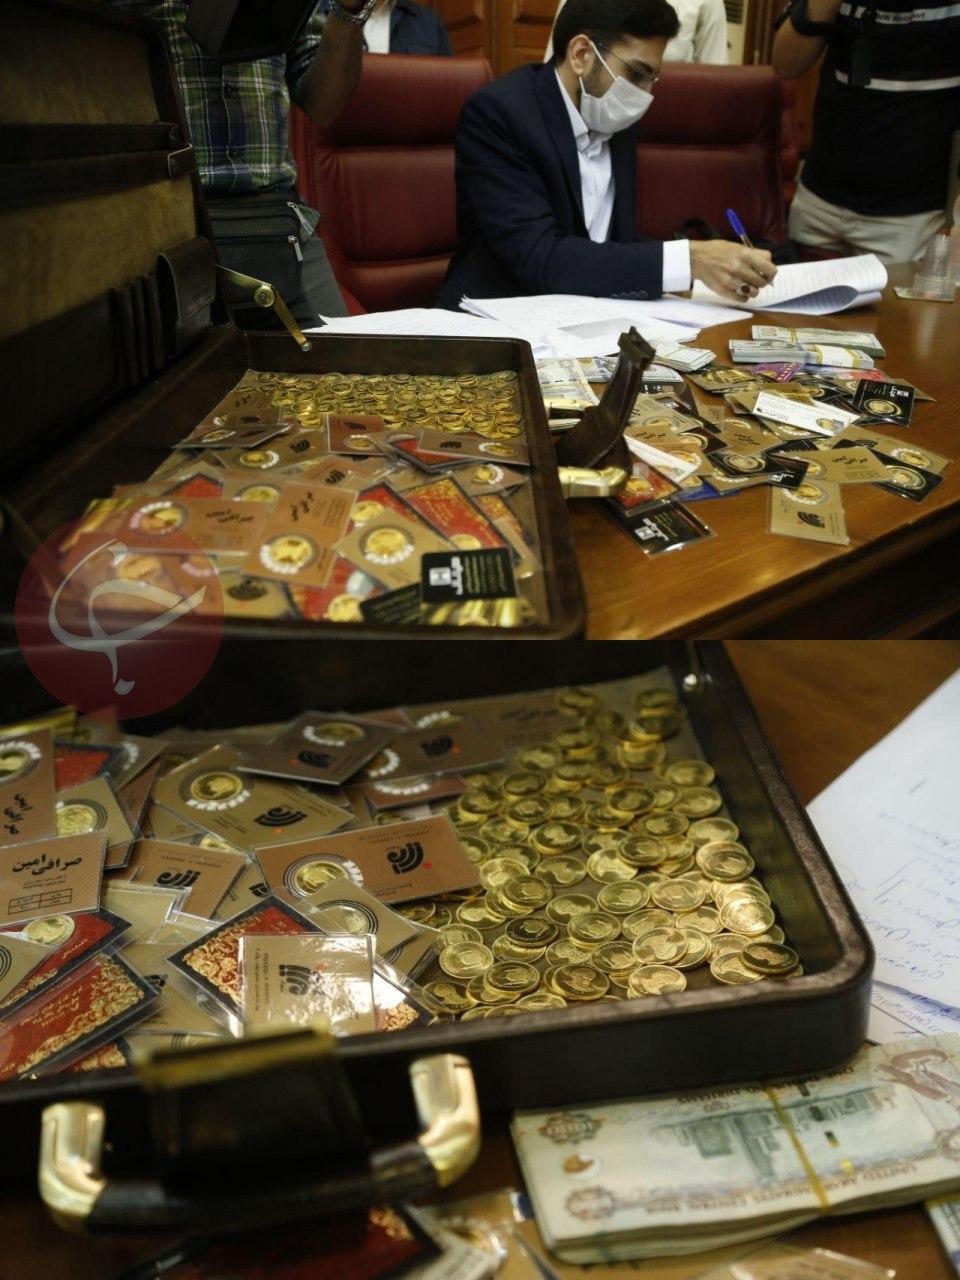 اولین جلسه دادگاه رسیدگی به اتهامات مدیران سابق بانک مرکزی برگزار شد